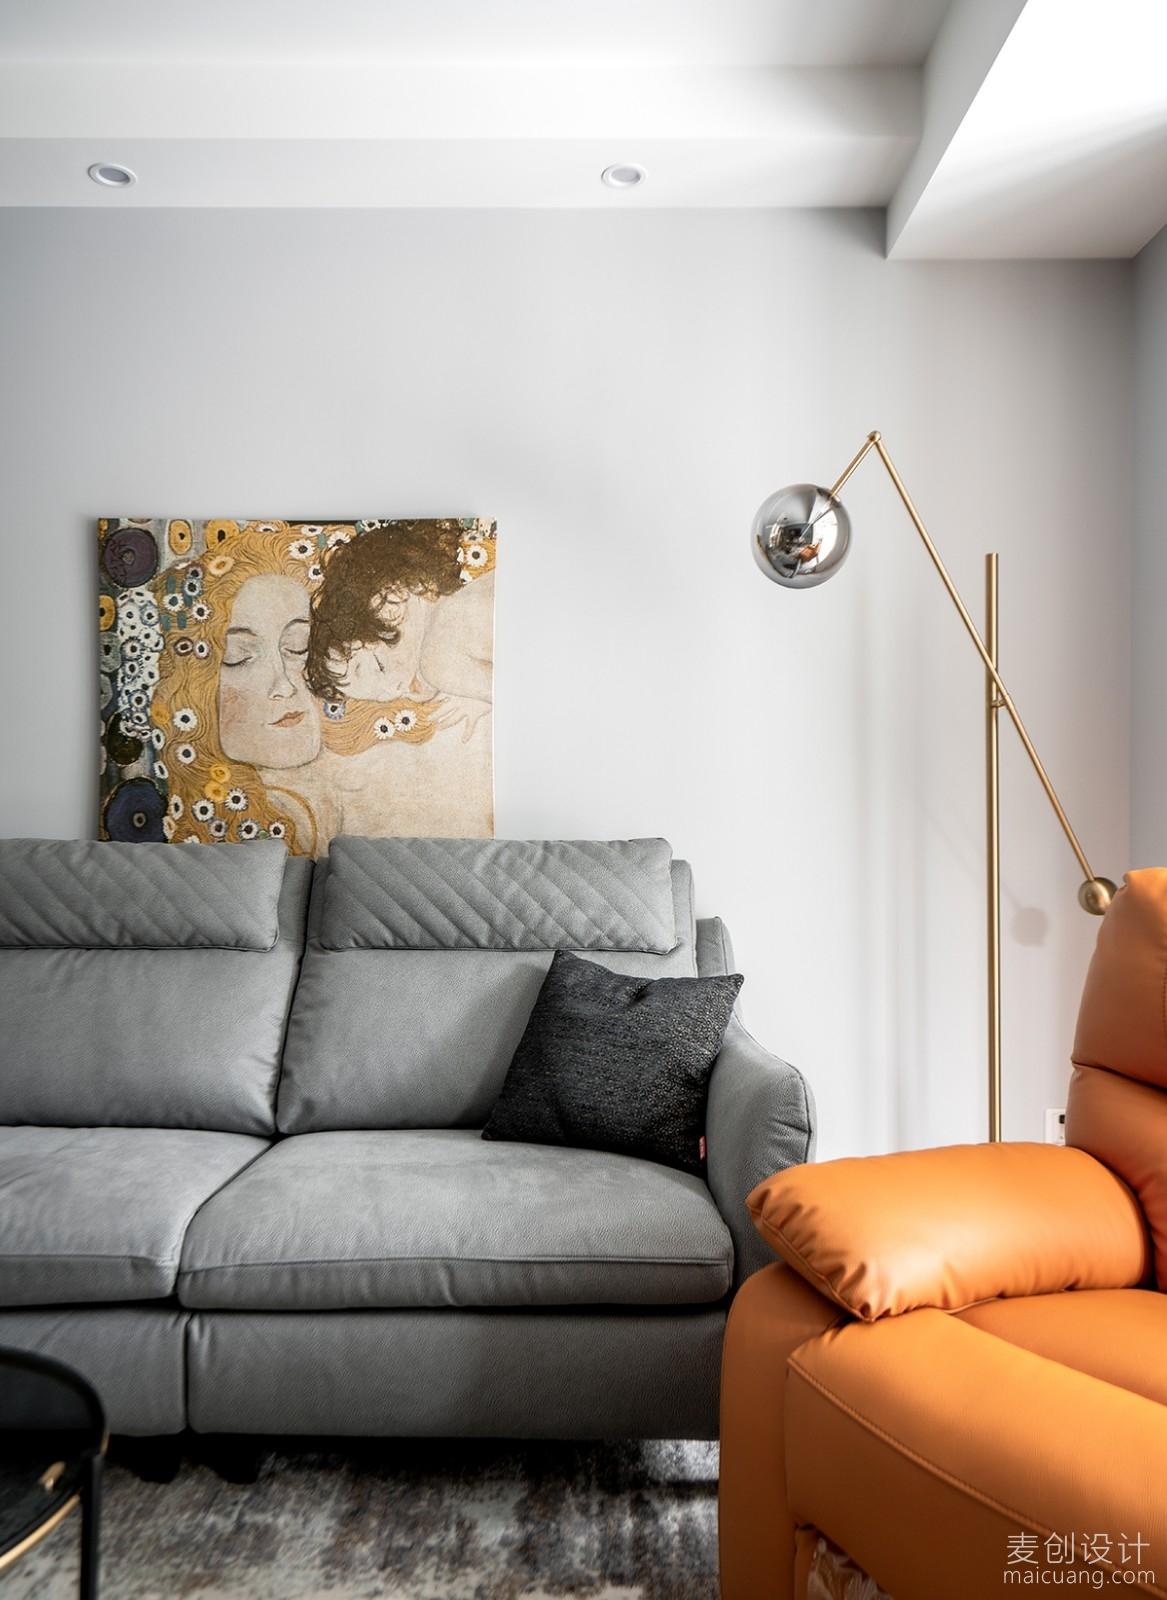 家庭装修方案图橘黄色沙发细节